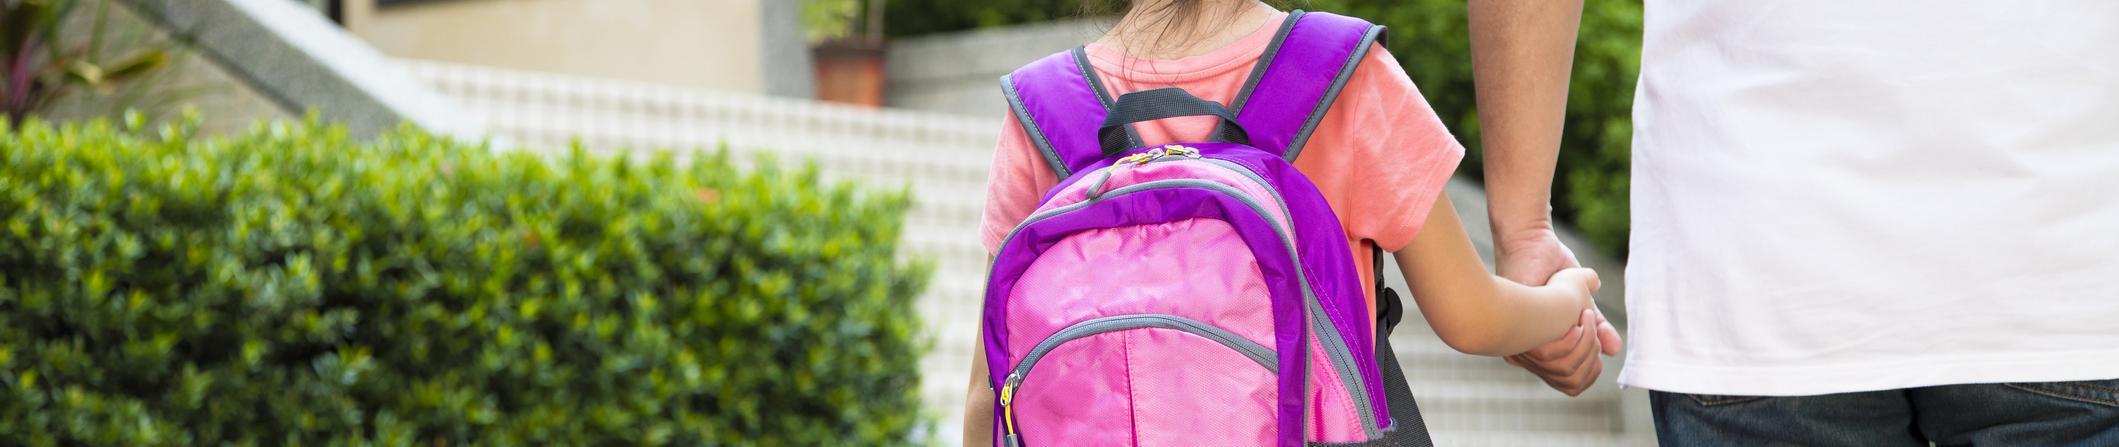 Les comportements à risque des parents sur le chemin de l'école en présence de leurs enfants